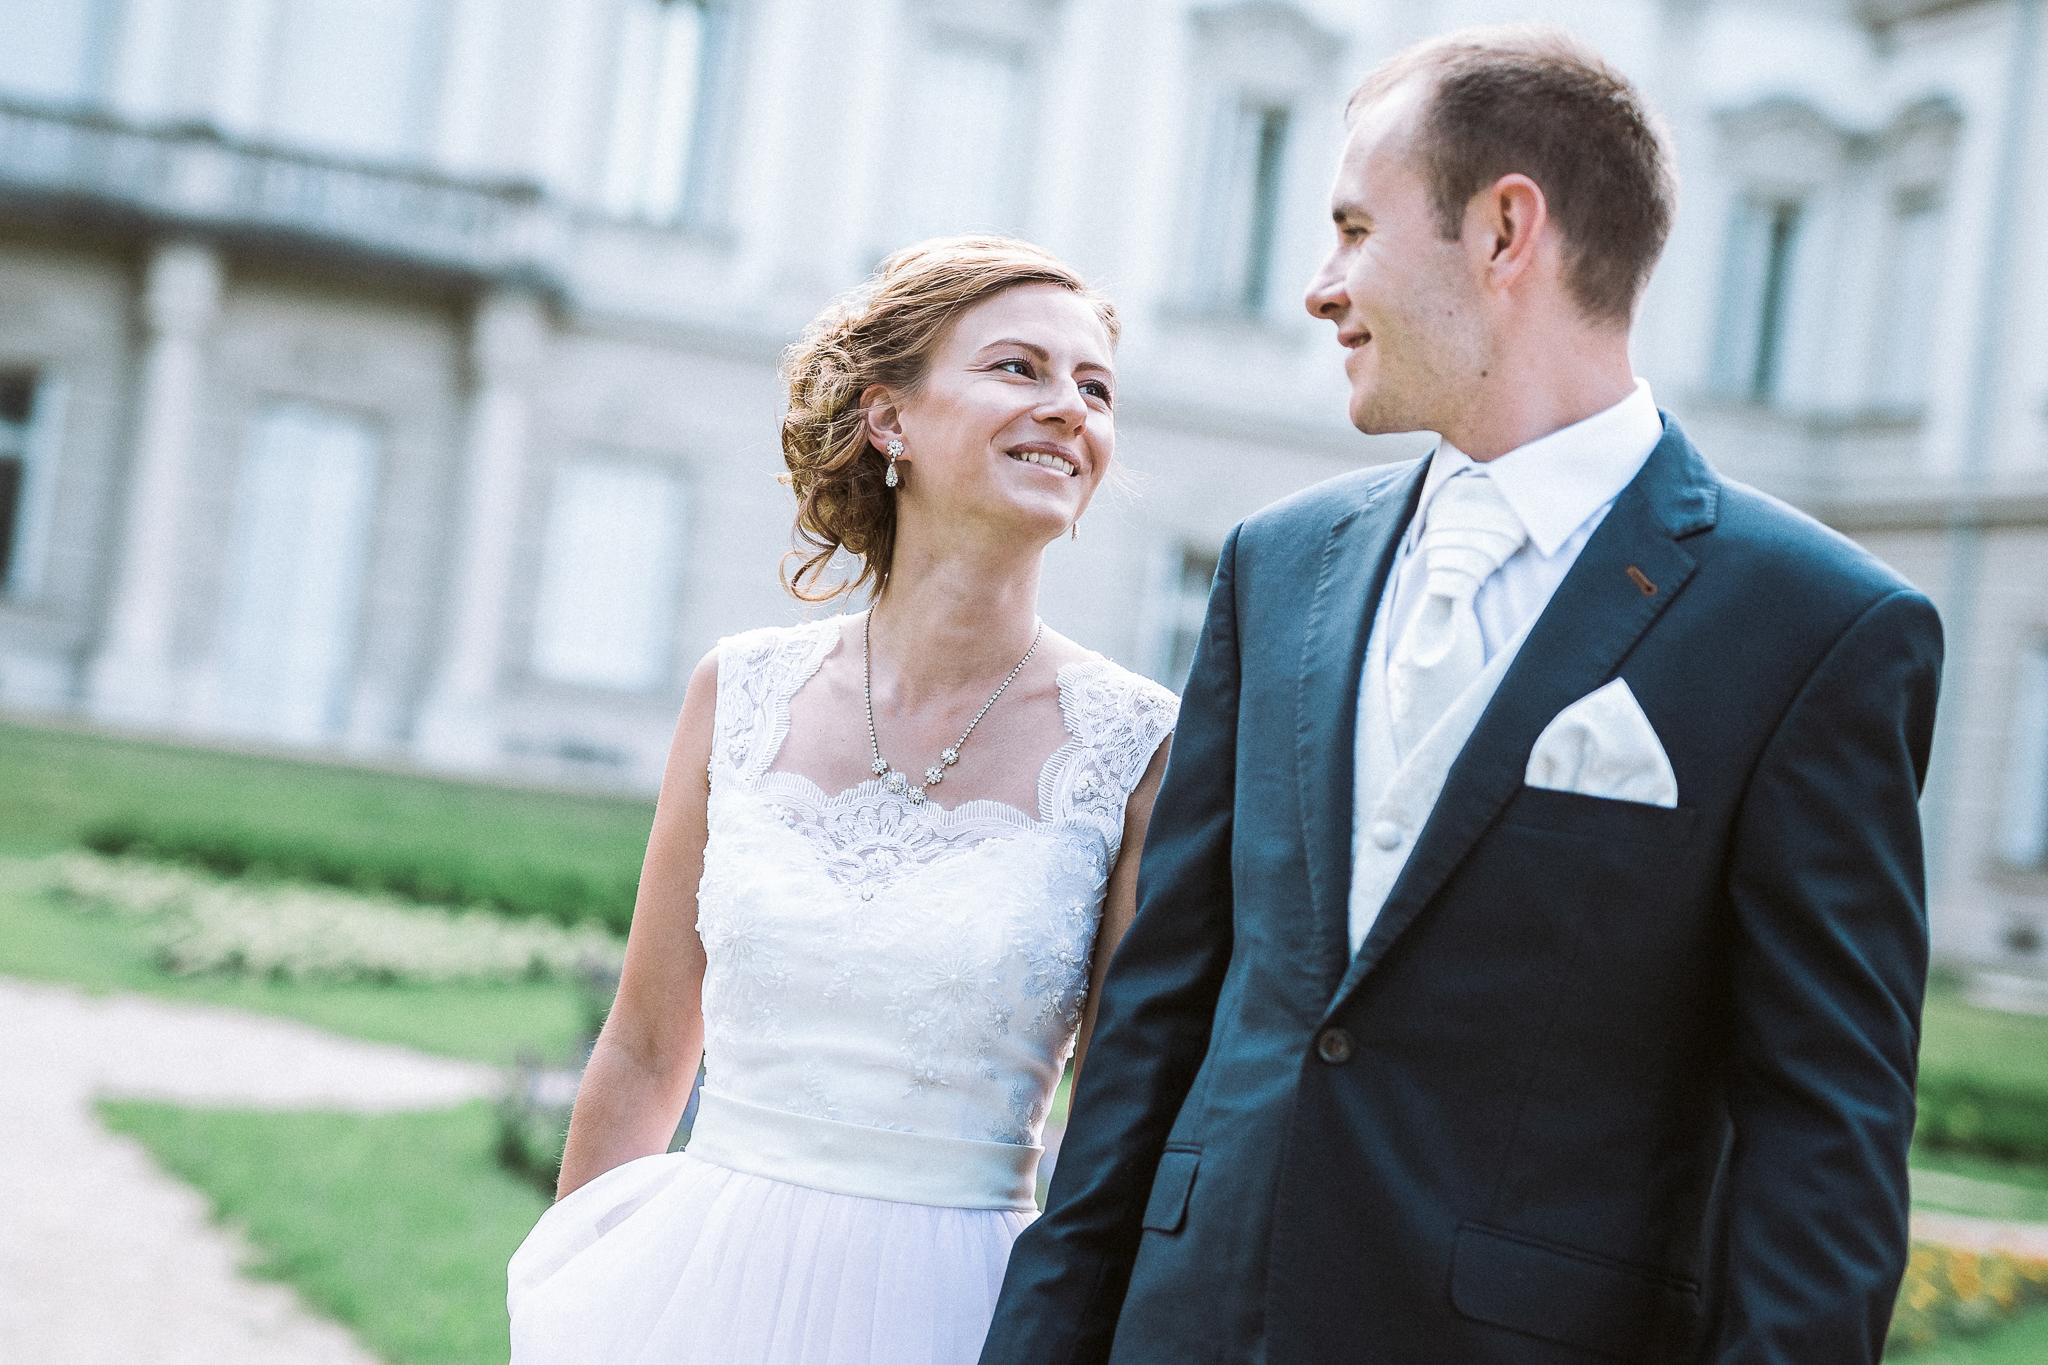 FylepPhoto, esküvőfotós, esküvői fotós Körmend, Szombathely, esküvőfotózás, magyarország, vas megye, prémium, jegyesfotózás, Fülöp Péter, körmend, kreatív, fotográfus_06-2.jpg